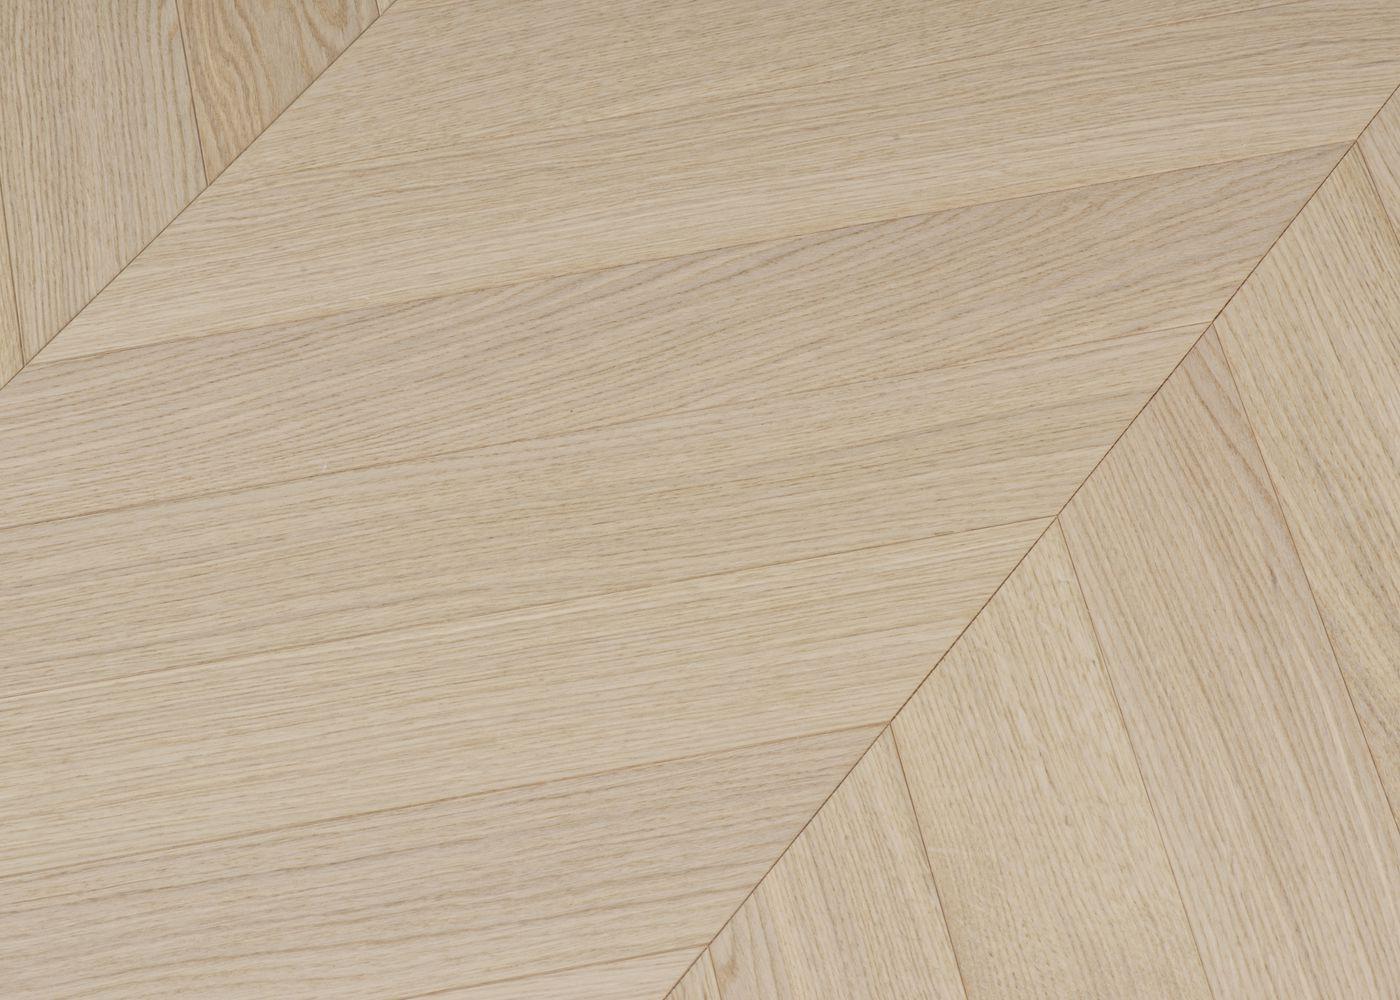 Parquet chêne contrecollé TURIN Point de Hongrie brossé vernis mat Select support HDF angle 45° 10x92x600